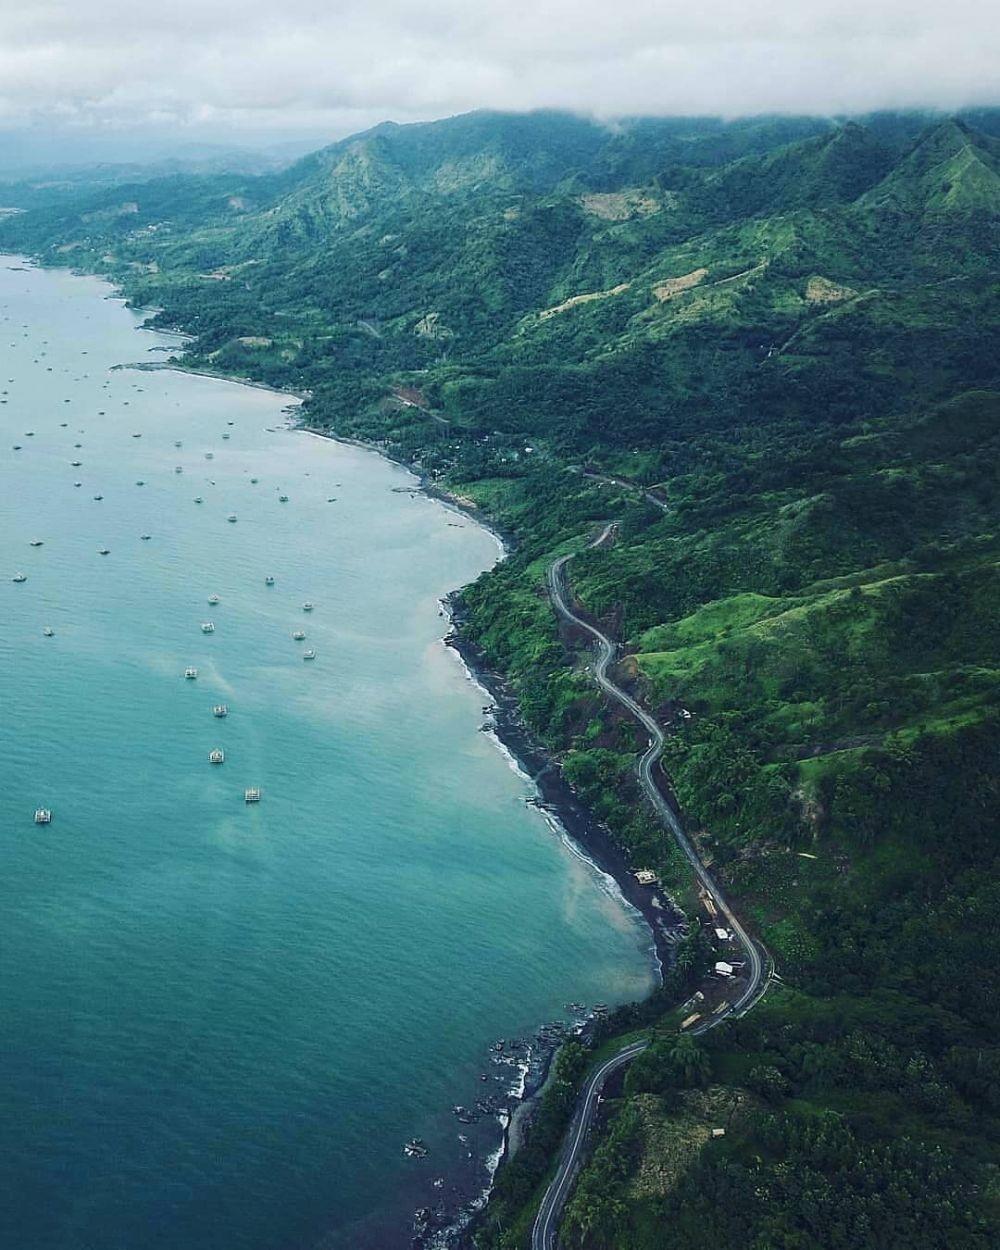 Bikin Penasaran, 10 Wisata yang Dikenal Paling Berhantu di Pulau Jawa